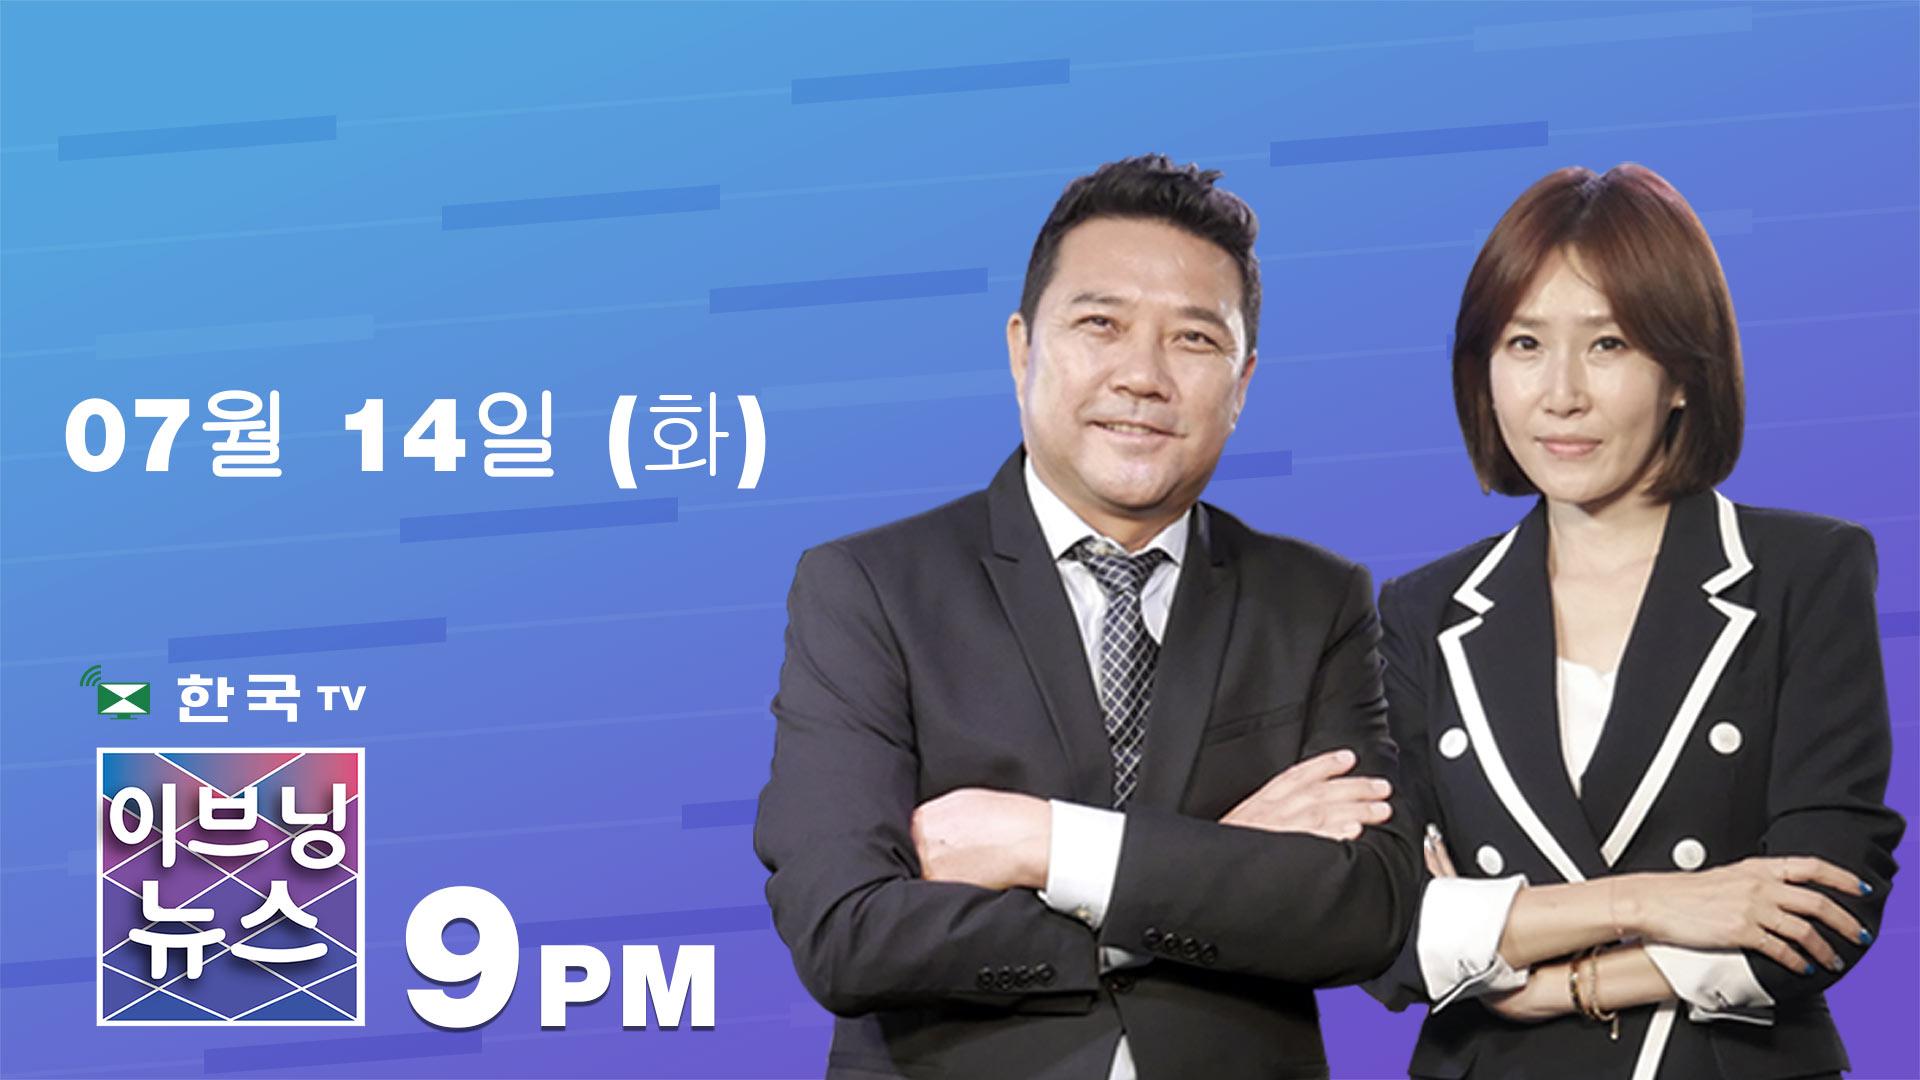 (07.14.2020) 한국TV 이브닝 뉴스